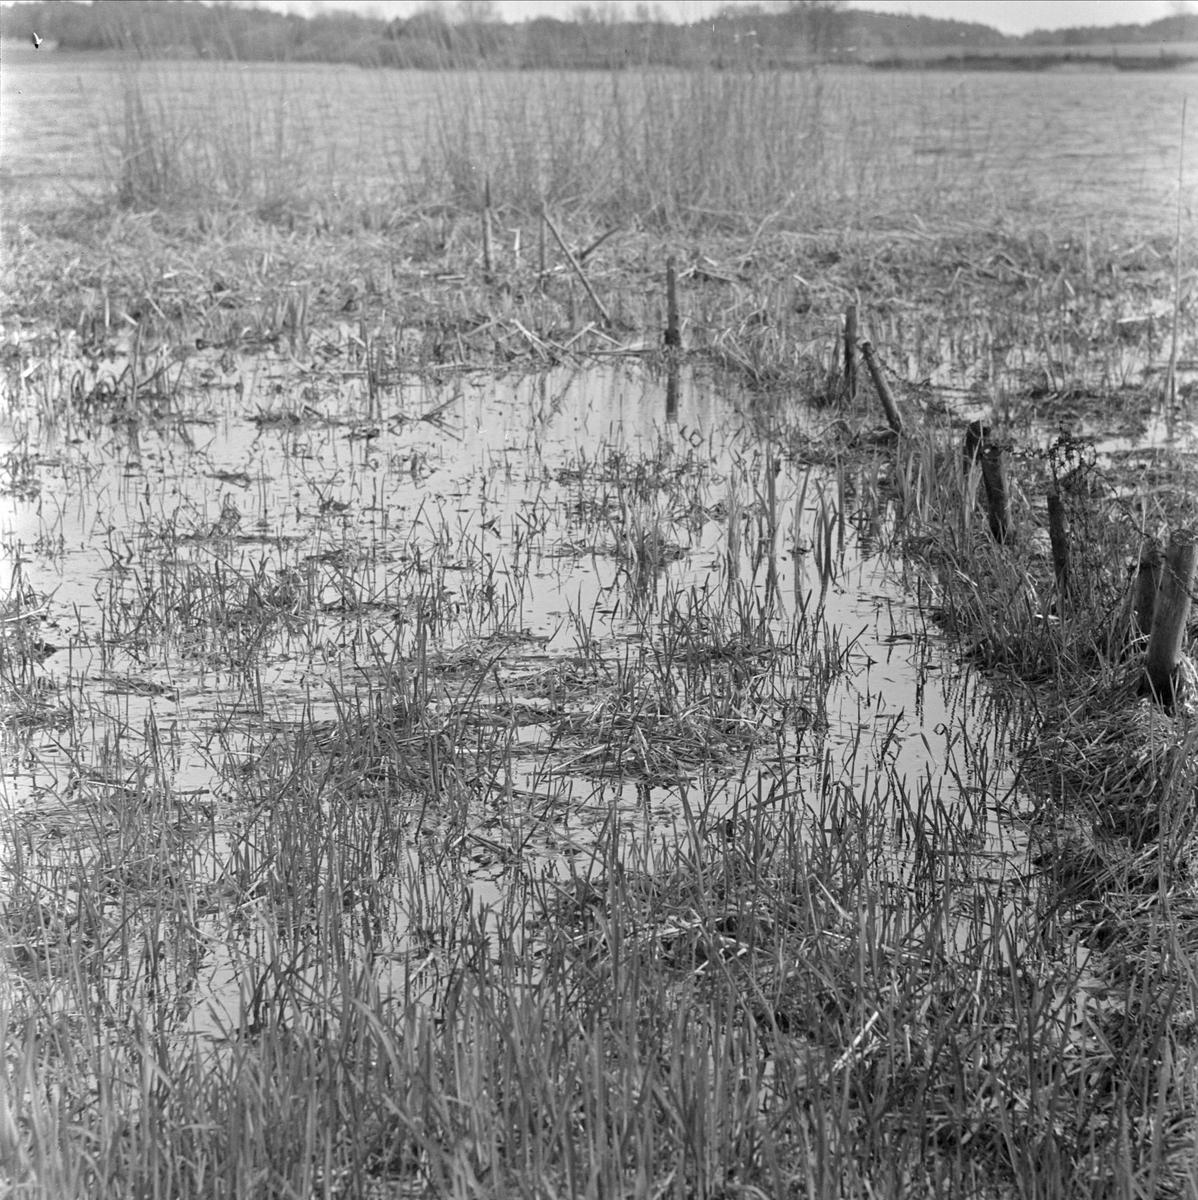 Lårstaviken vid Wiks slott, Balingsta socken, Uppland 1965